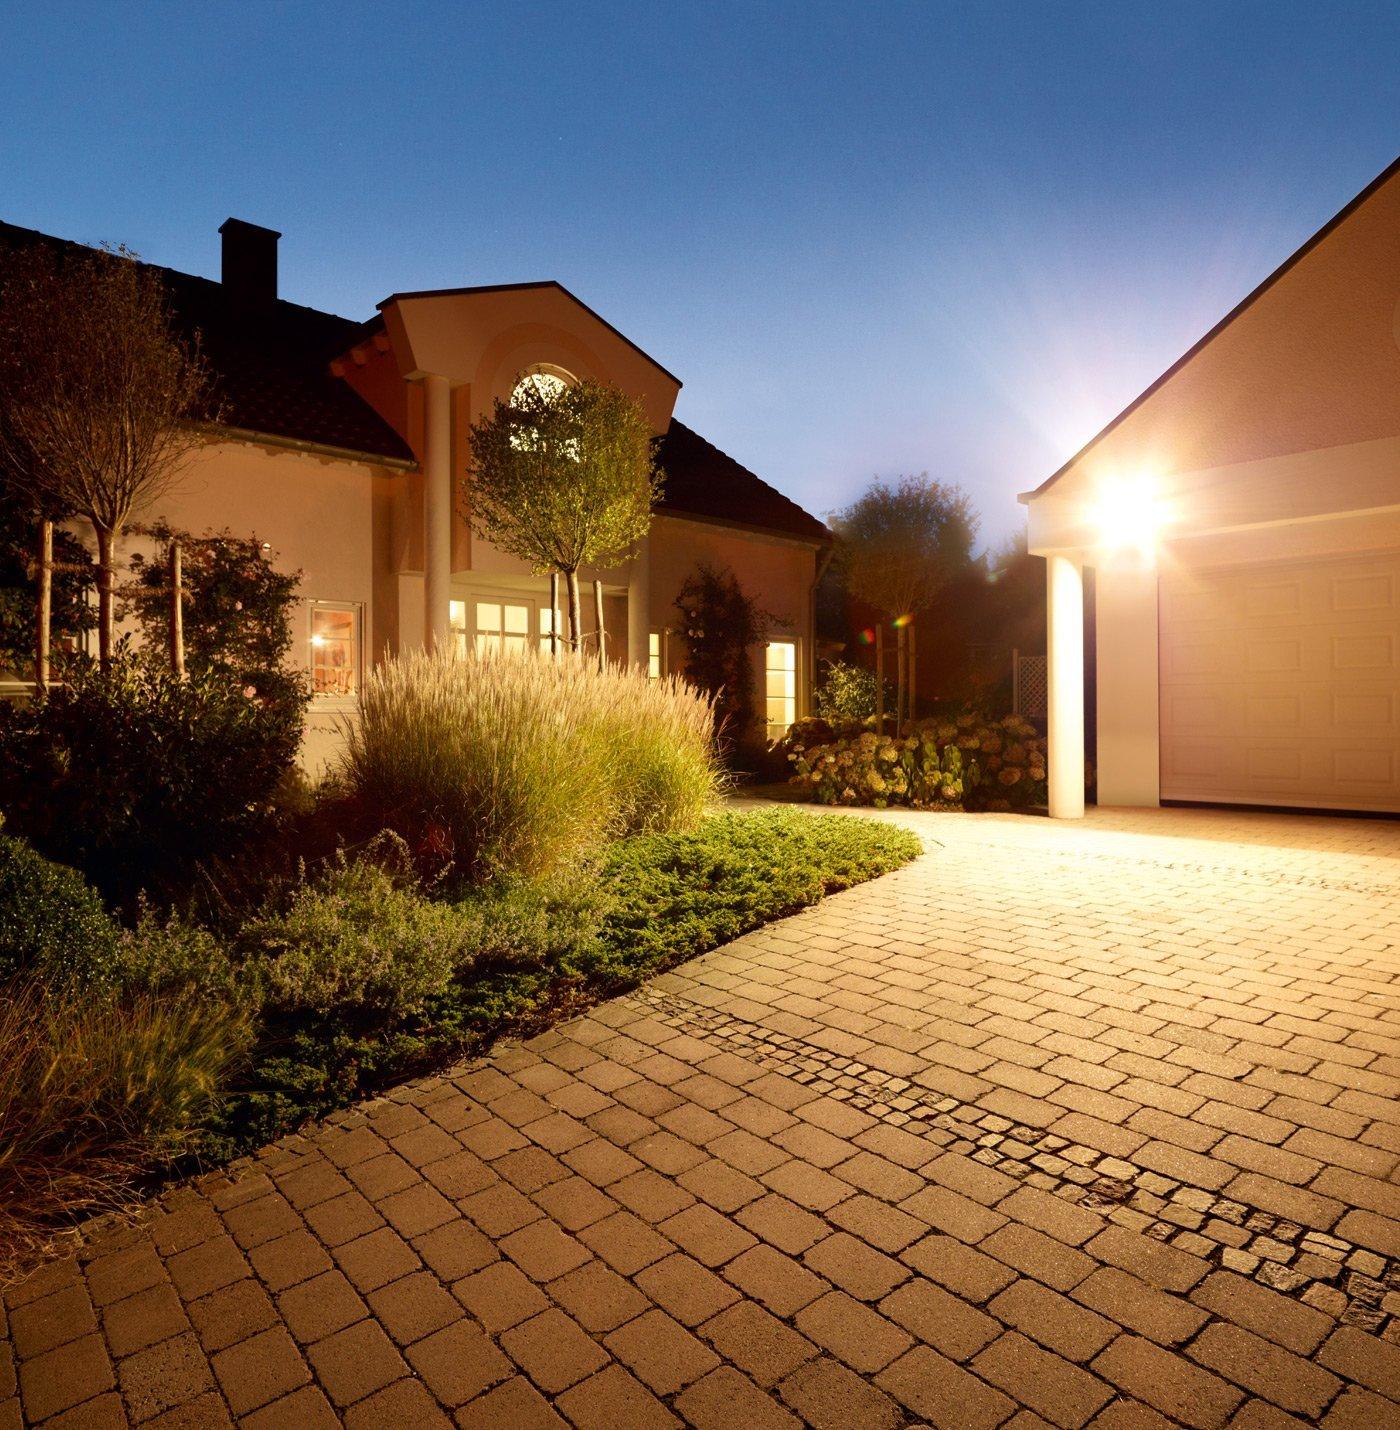 Đèn pha led 100W loại tốt, dùng cho quảng cáo ngoài trời hoặc sân vườn, sản phẩm bảo hành 2 năm, sản phẩm đủ watt, nguonled.vn